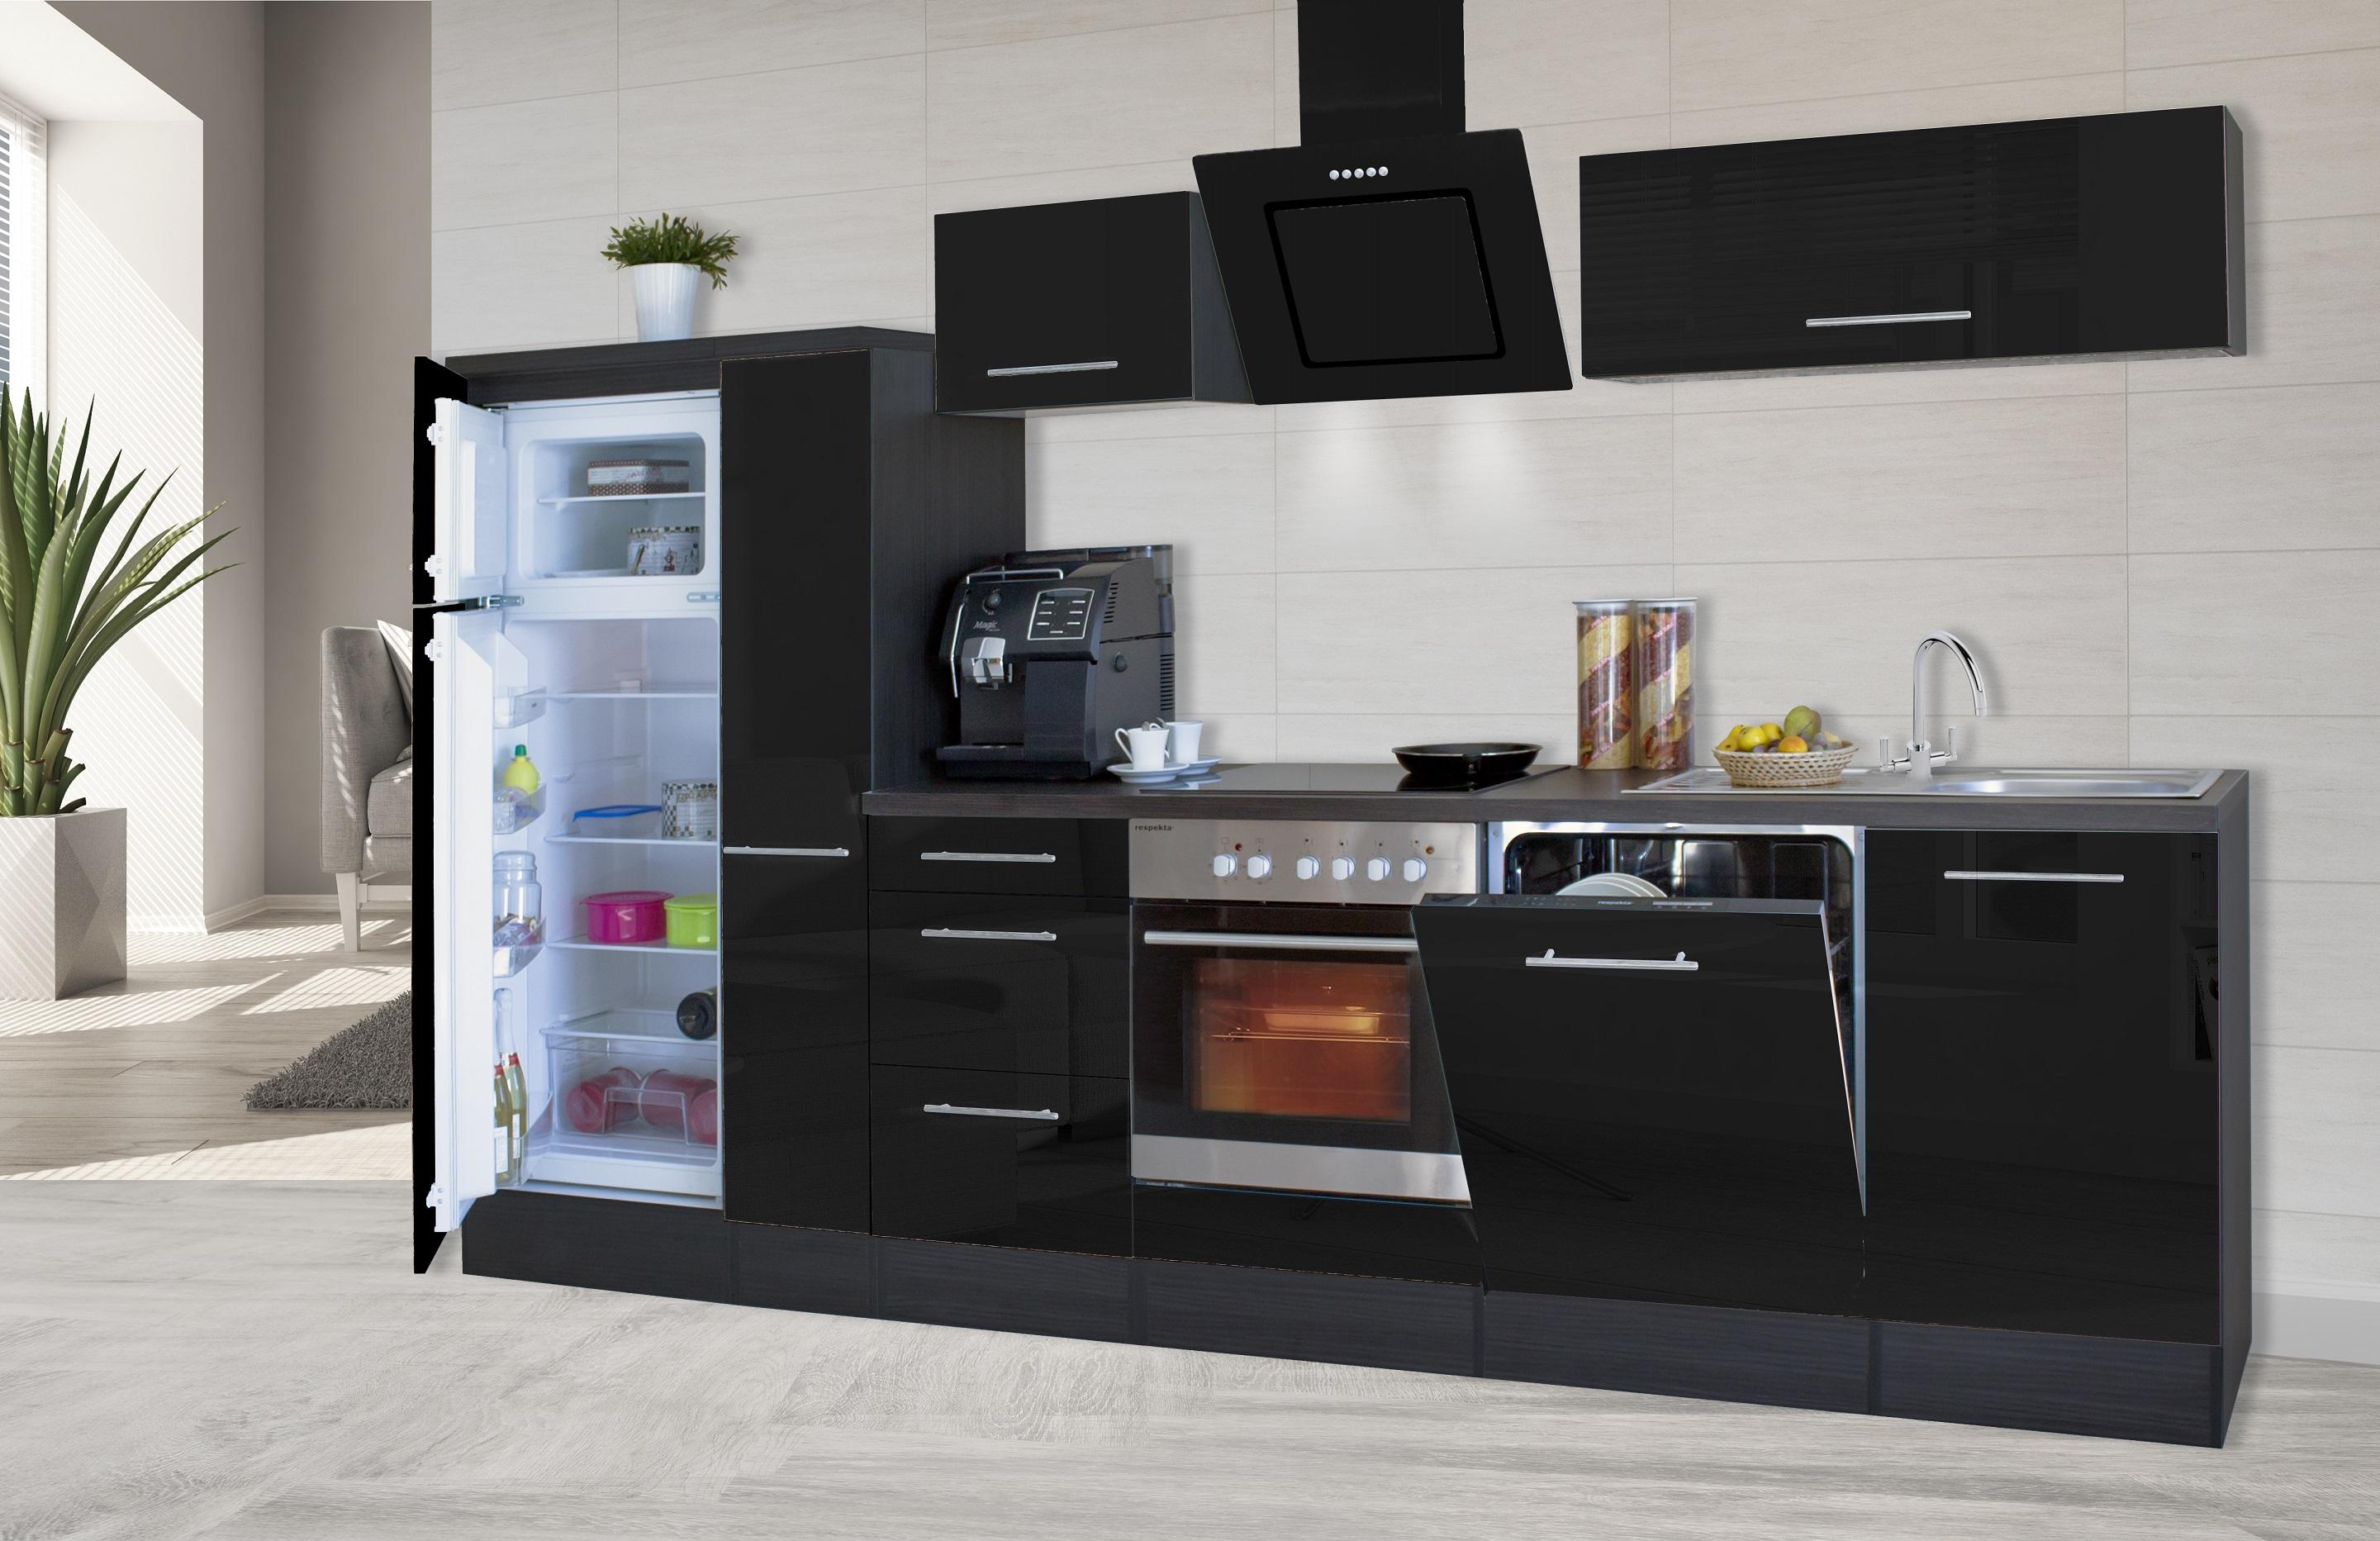 Respekta premium einbau kuche kuchenzeile 310cm eiche for Respekta küchen erfahrungen